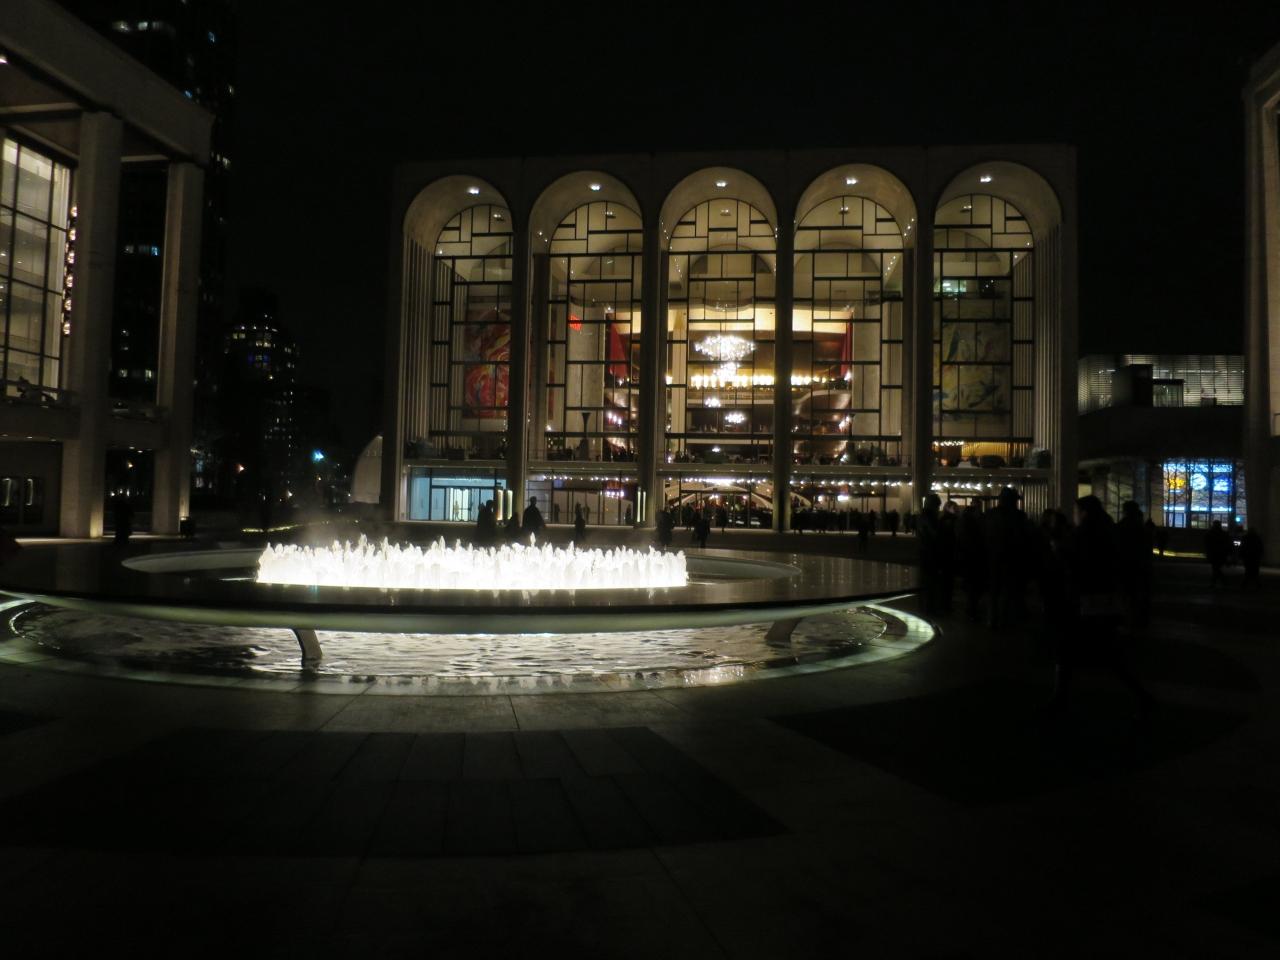 2015年2 3月久しぶりのニューヨークでオペラ三昧 メトロポリタン歌劇場